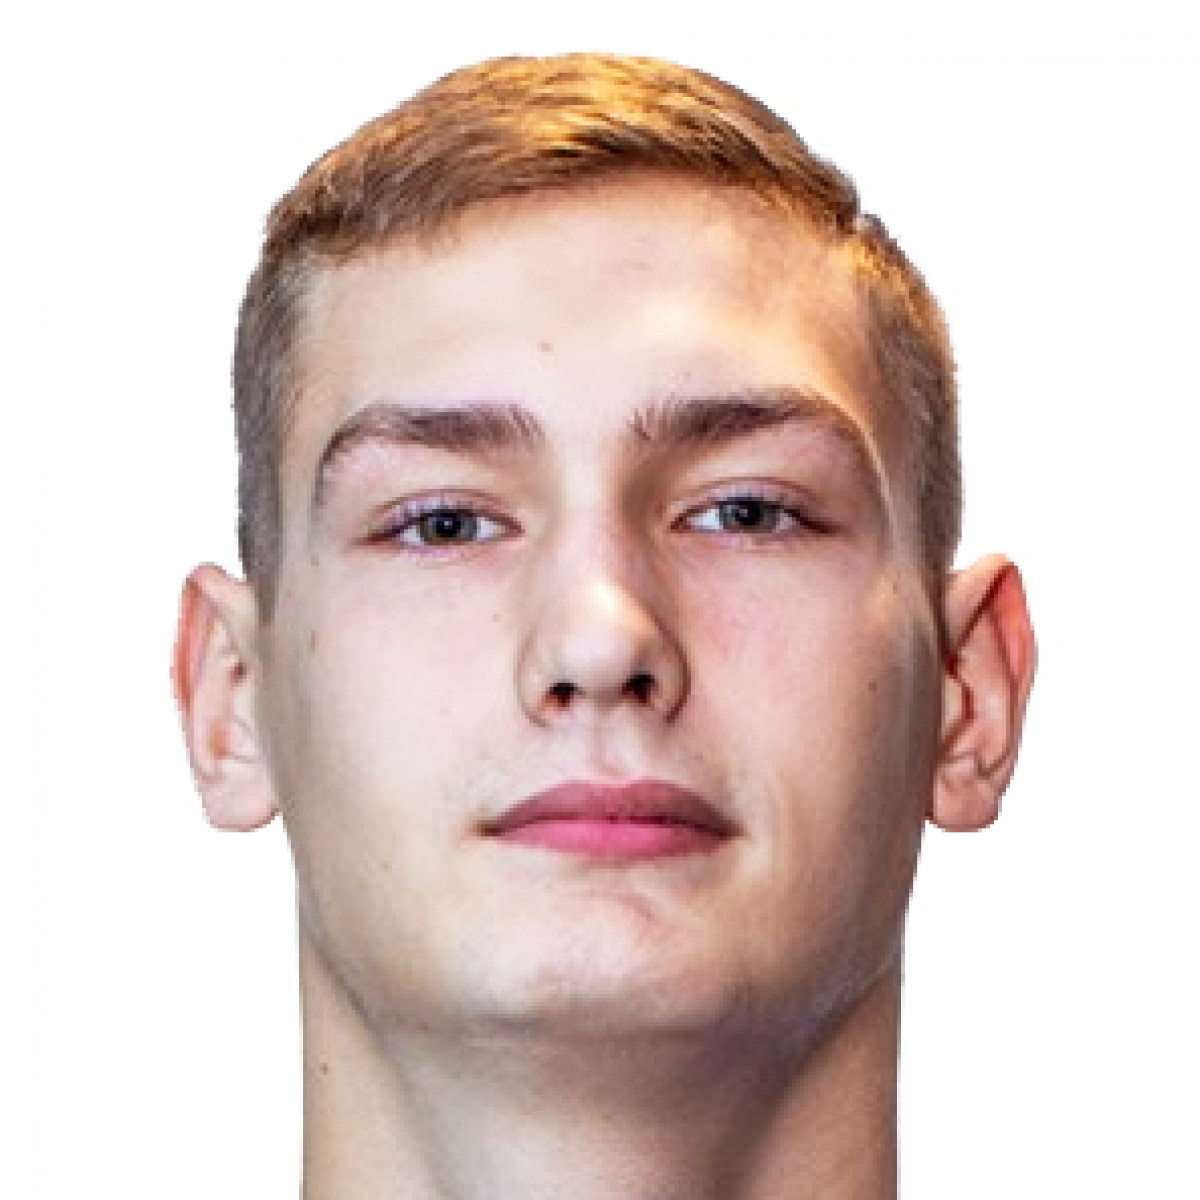 Yevhenii Krichevskyi